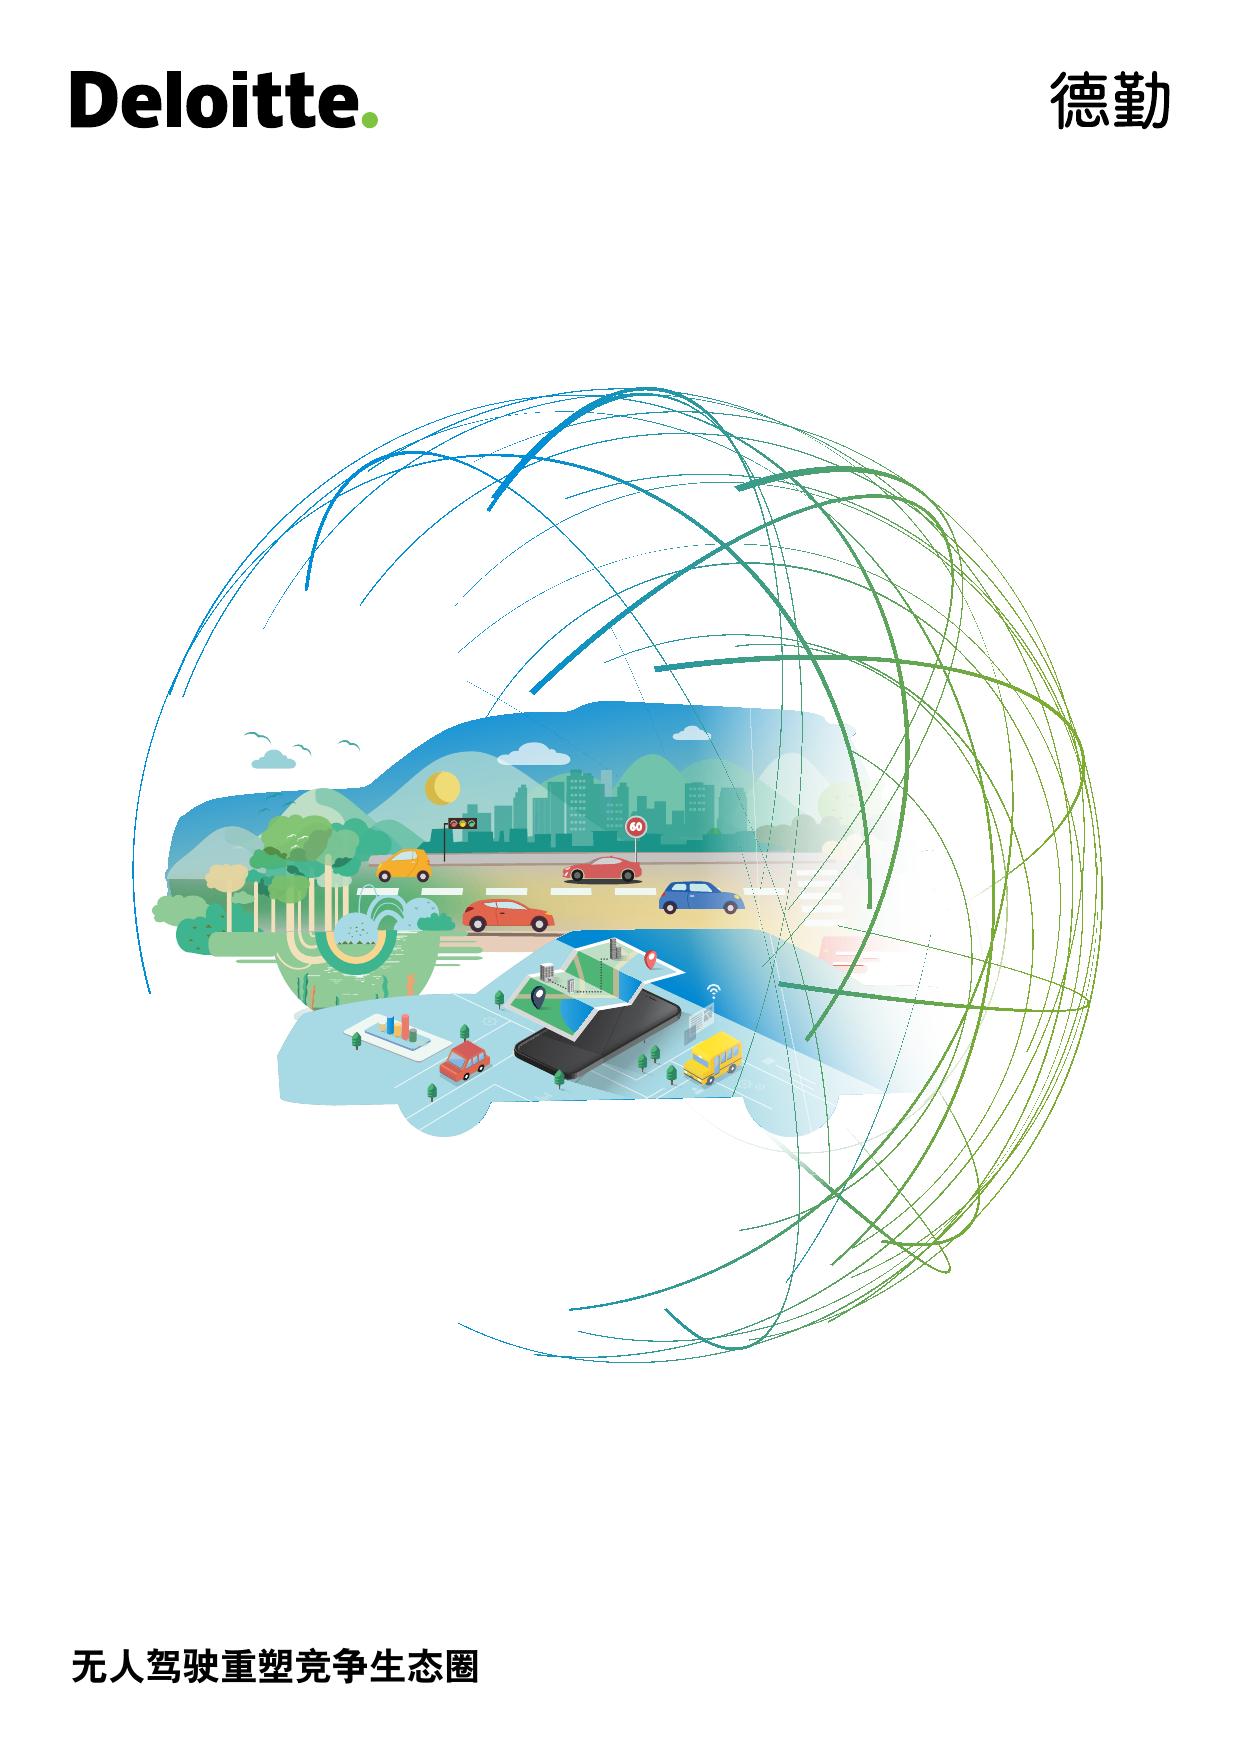 德勤咨询:无人驾驶重塑竞争生态圈